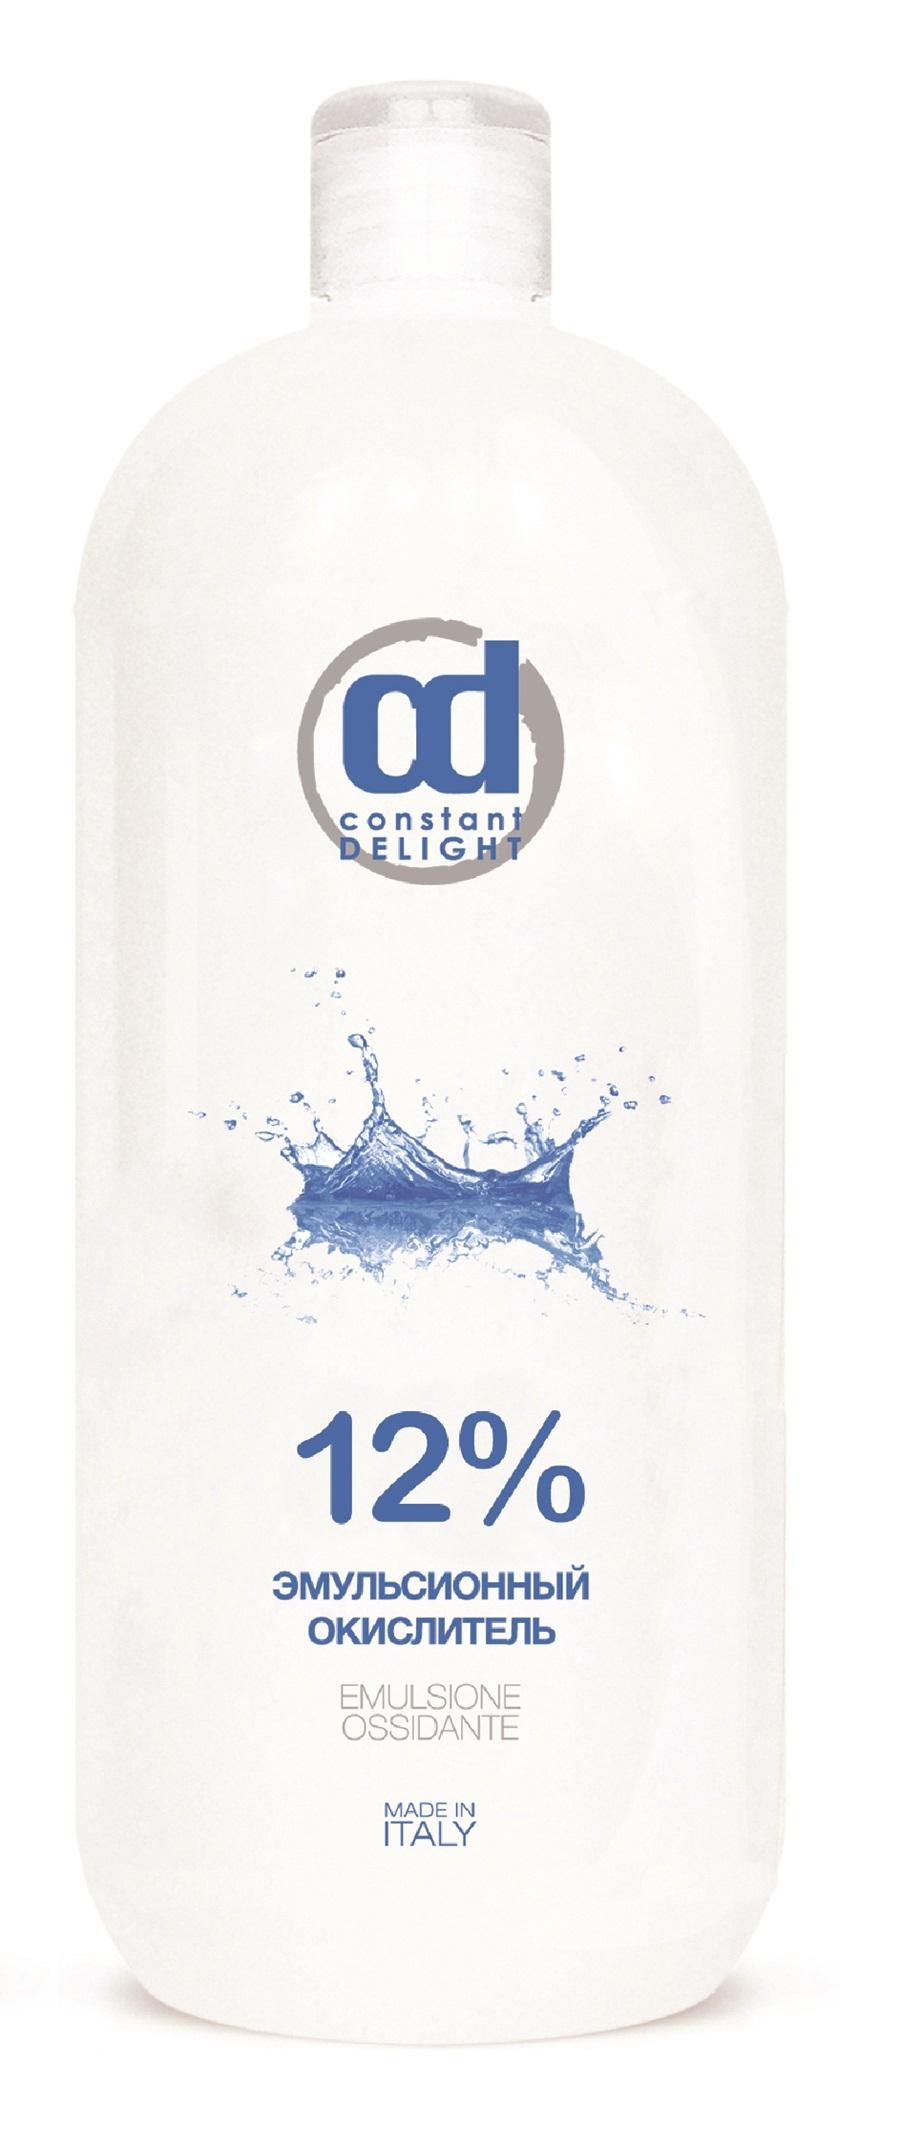 Constant Delight Окислитель Emulsione Ossidante 12% Эмульсионный, 1000 мл